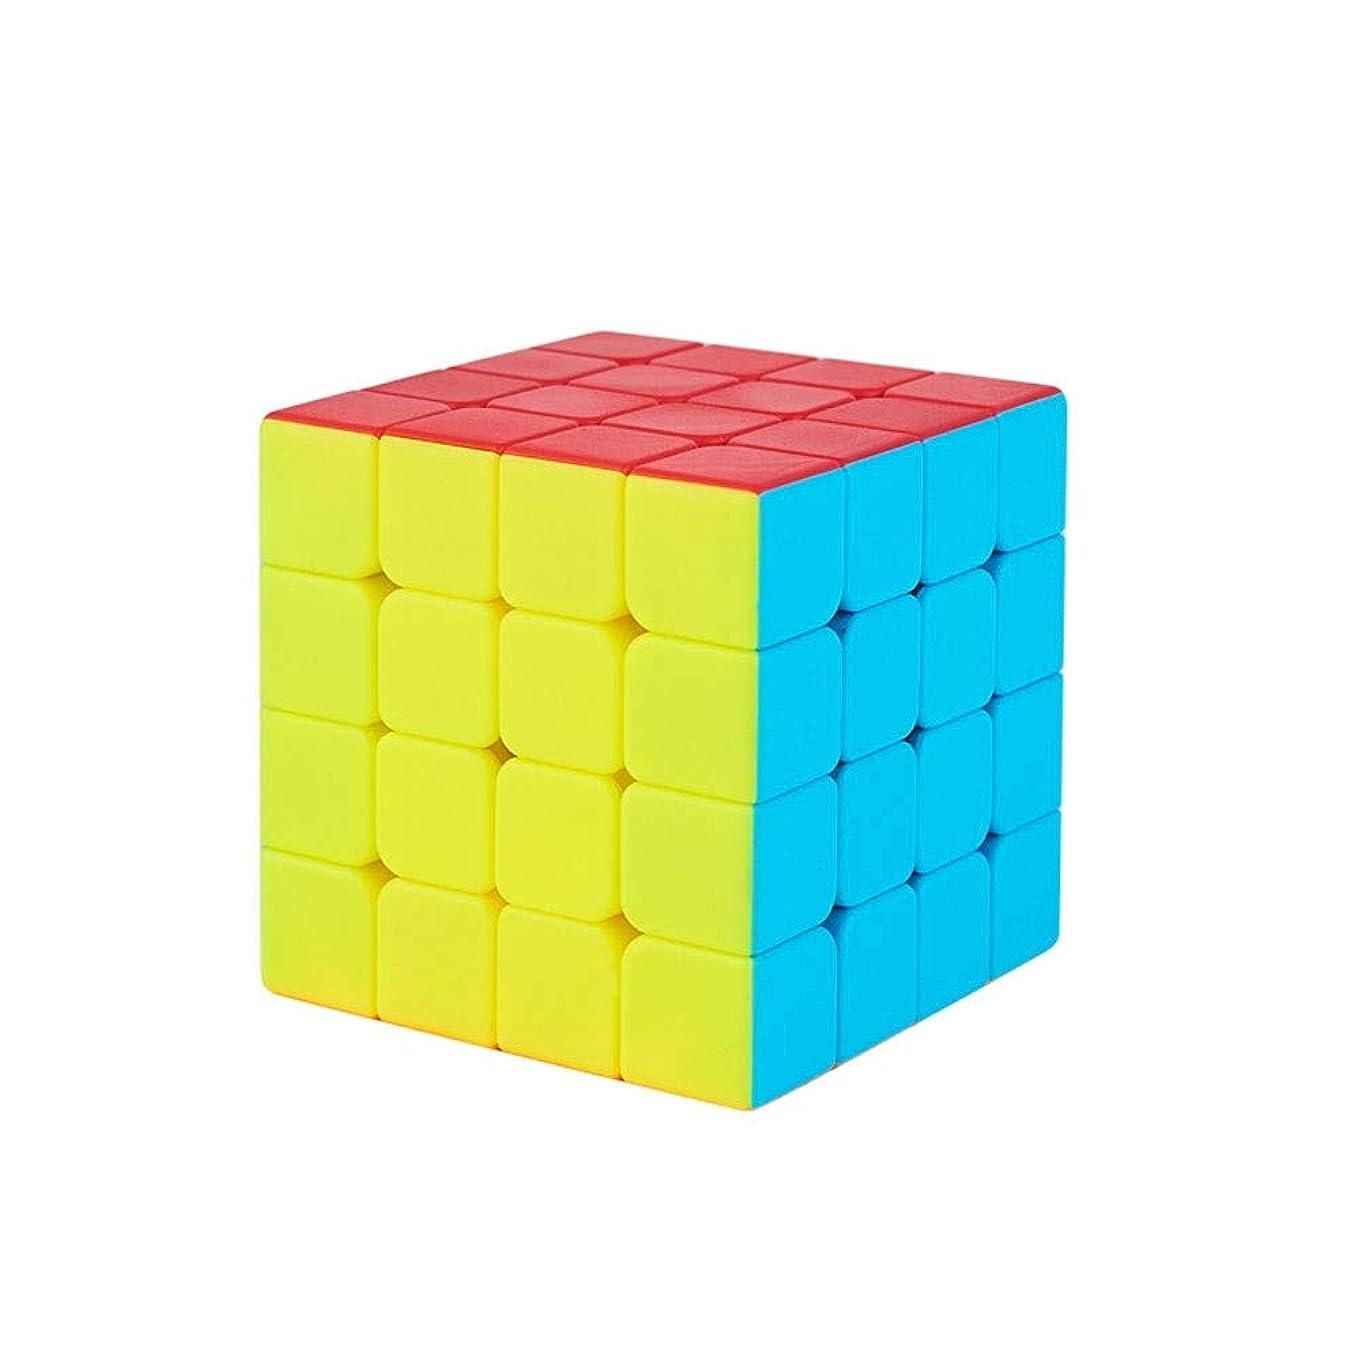 若者お母さん受け皿Hongyushanghang ルービックキューブ、高品質ルービックキューブを使って、スムーズに、小さなゲームとして使える(2次/ 3次/ 4次/ 5次) 使いやすい (Edition : Fourth-order)